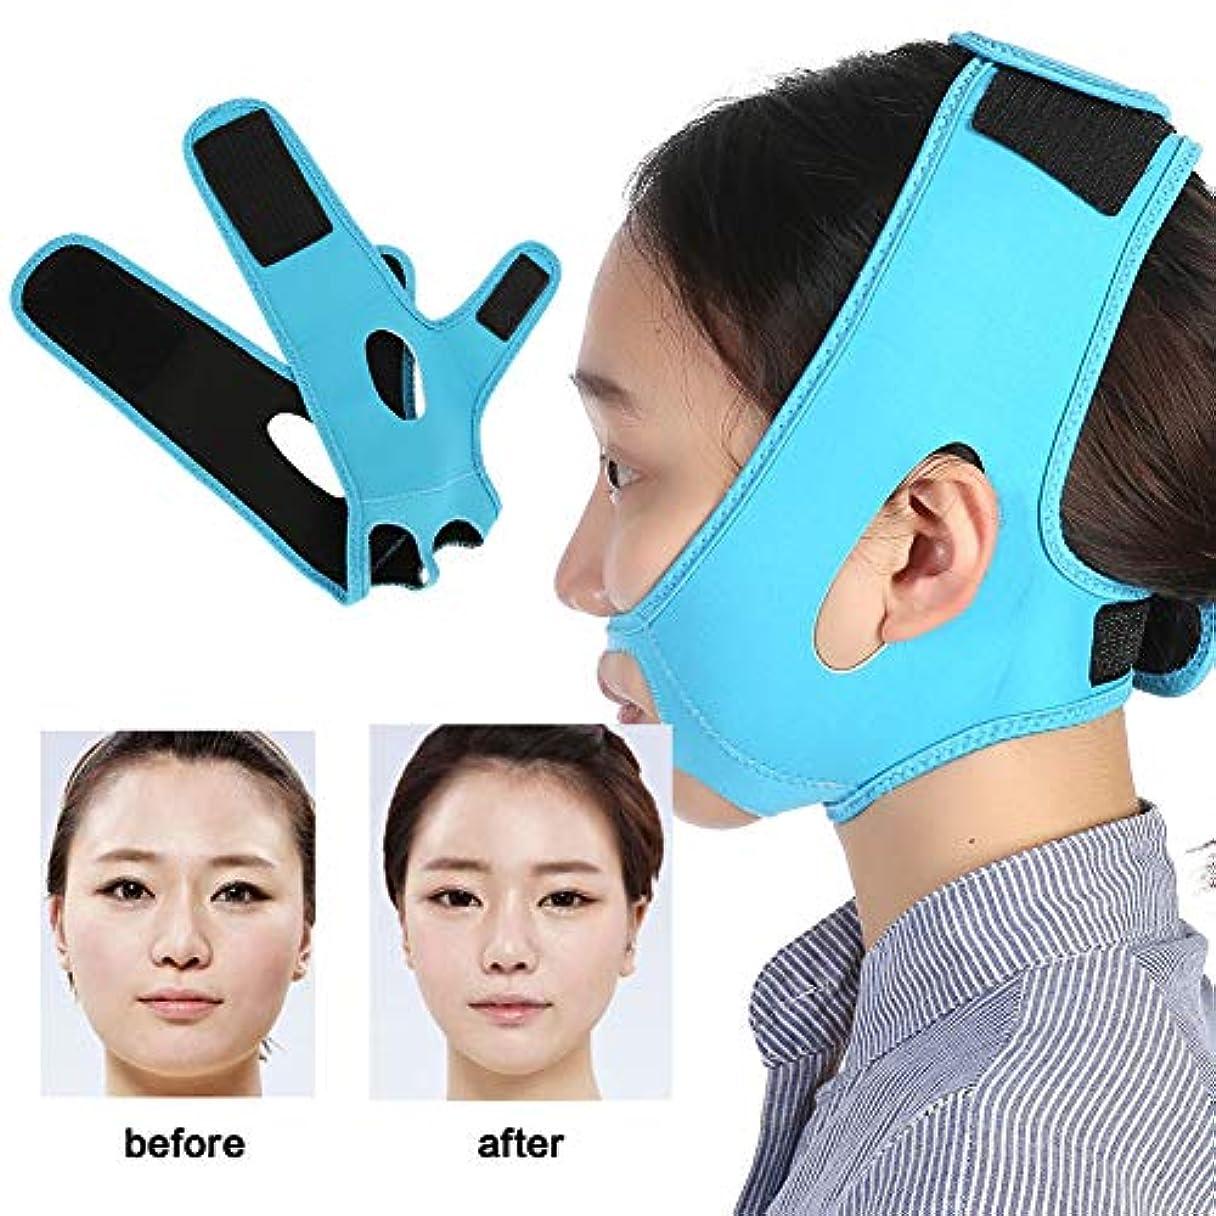 ラッドヤードキップリング夕方一般顔の輪郭を改善するためのフェイスマスクのスリム化 Vフェイス美容包帯 通気性/伸縮性/非変形性